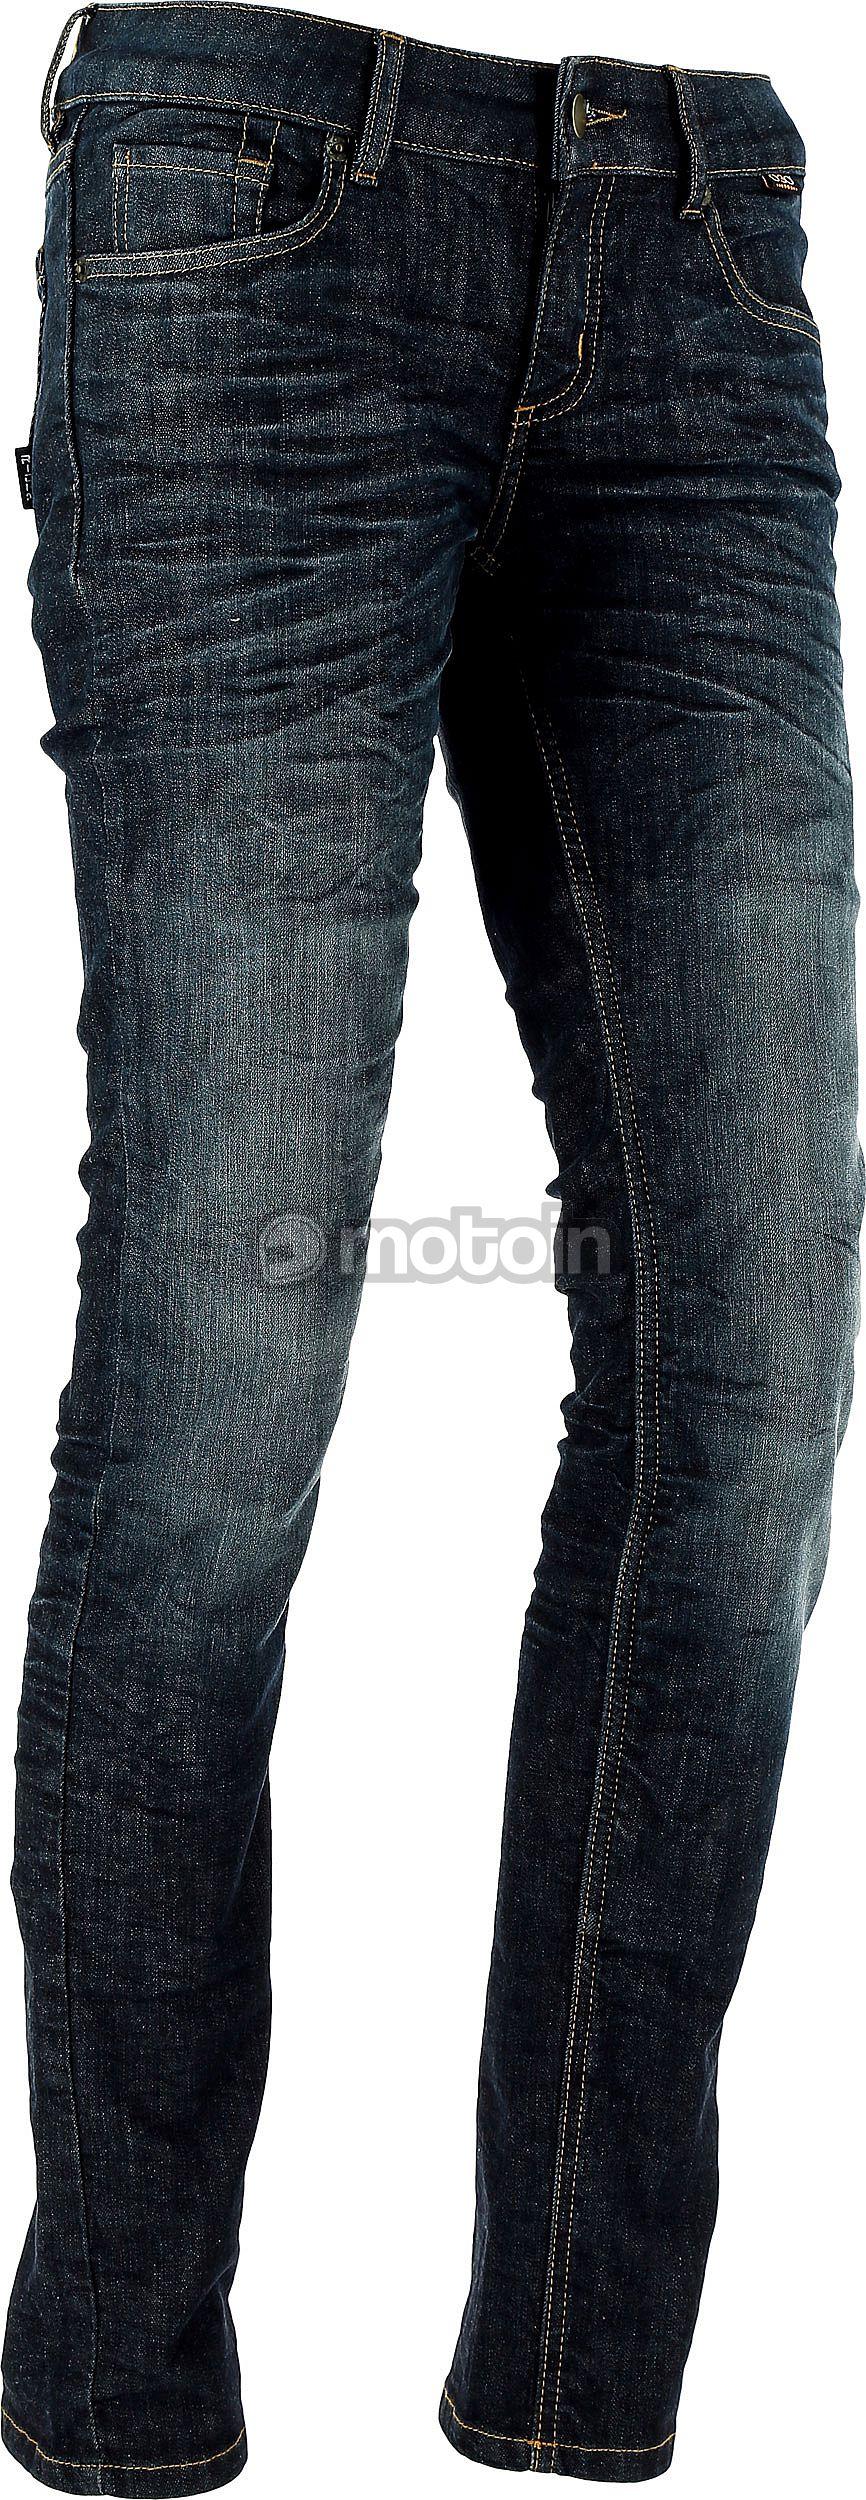 richa skinny jeans damen. Black Bedroom Furniture Sets. Home Design Ideas